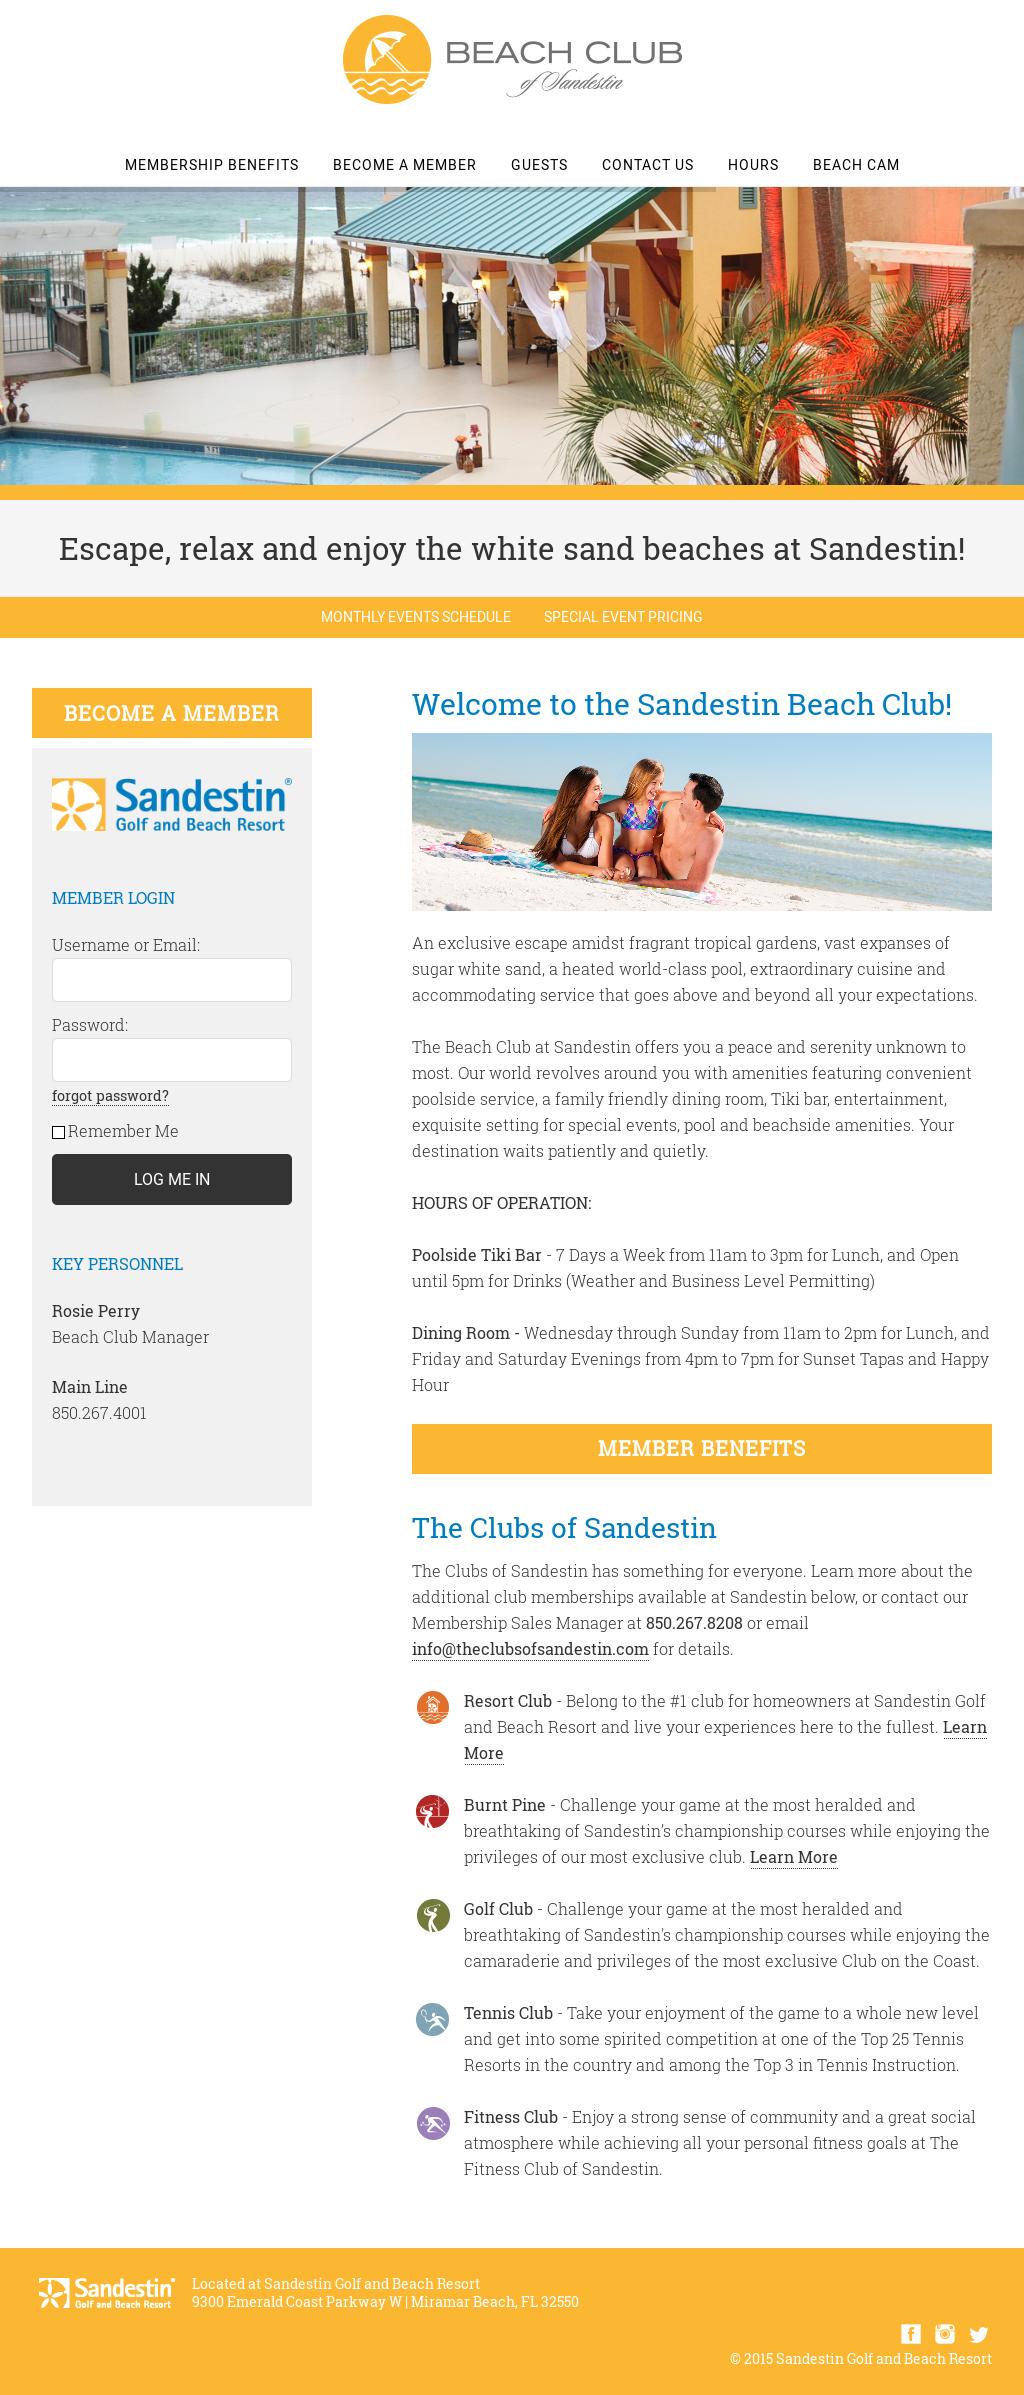 sandestin beach club cam